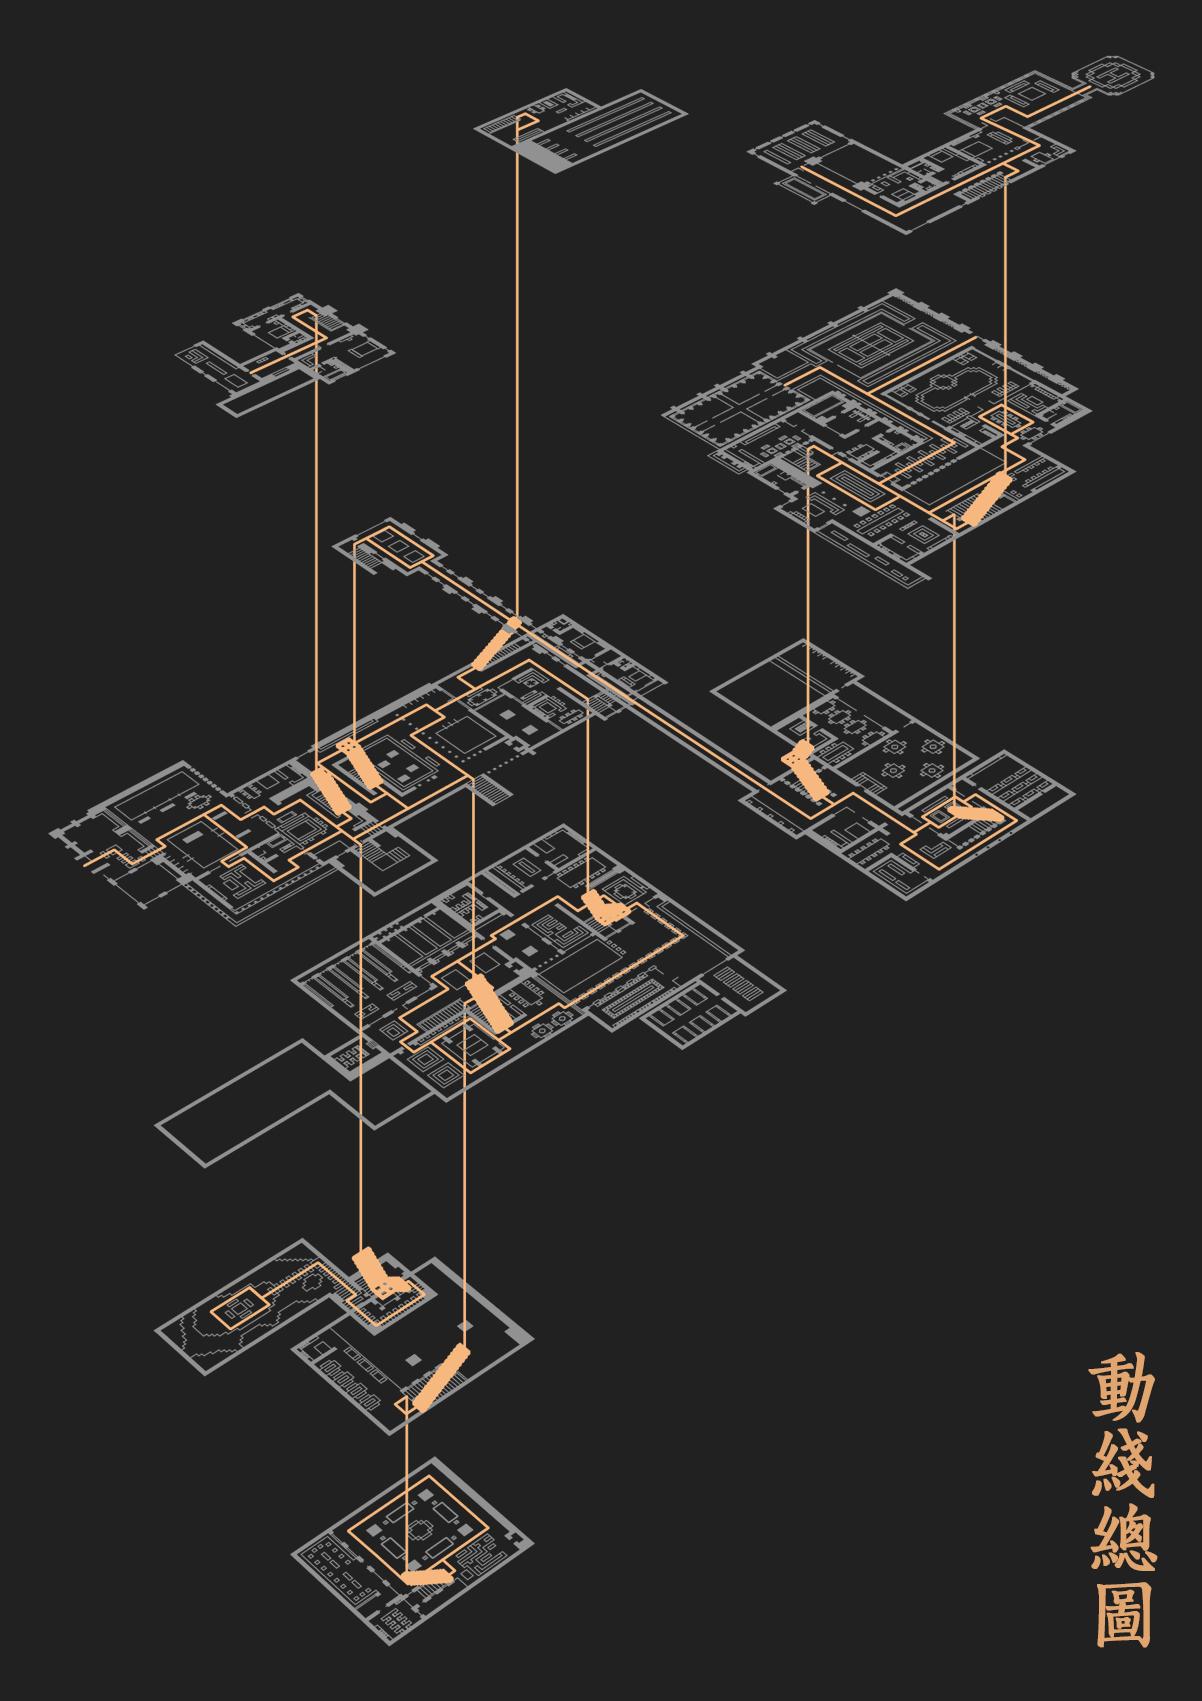 【我的别墅现代建筑群】海岛v别墅世界--源梦岛别墅燃气锅炉图片